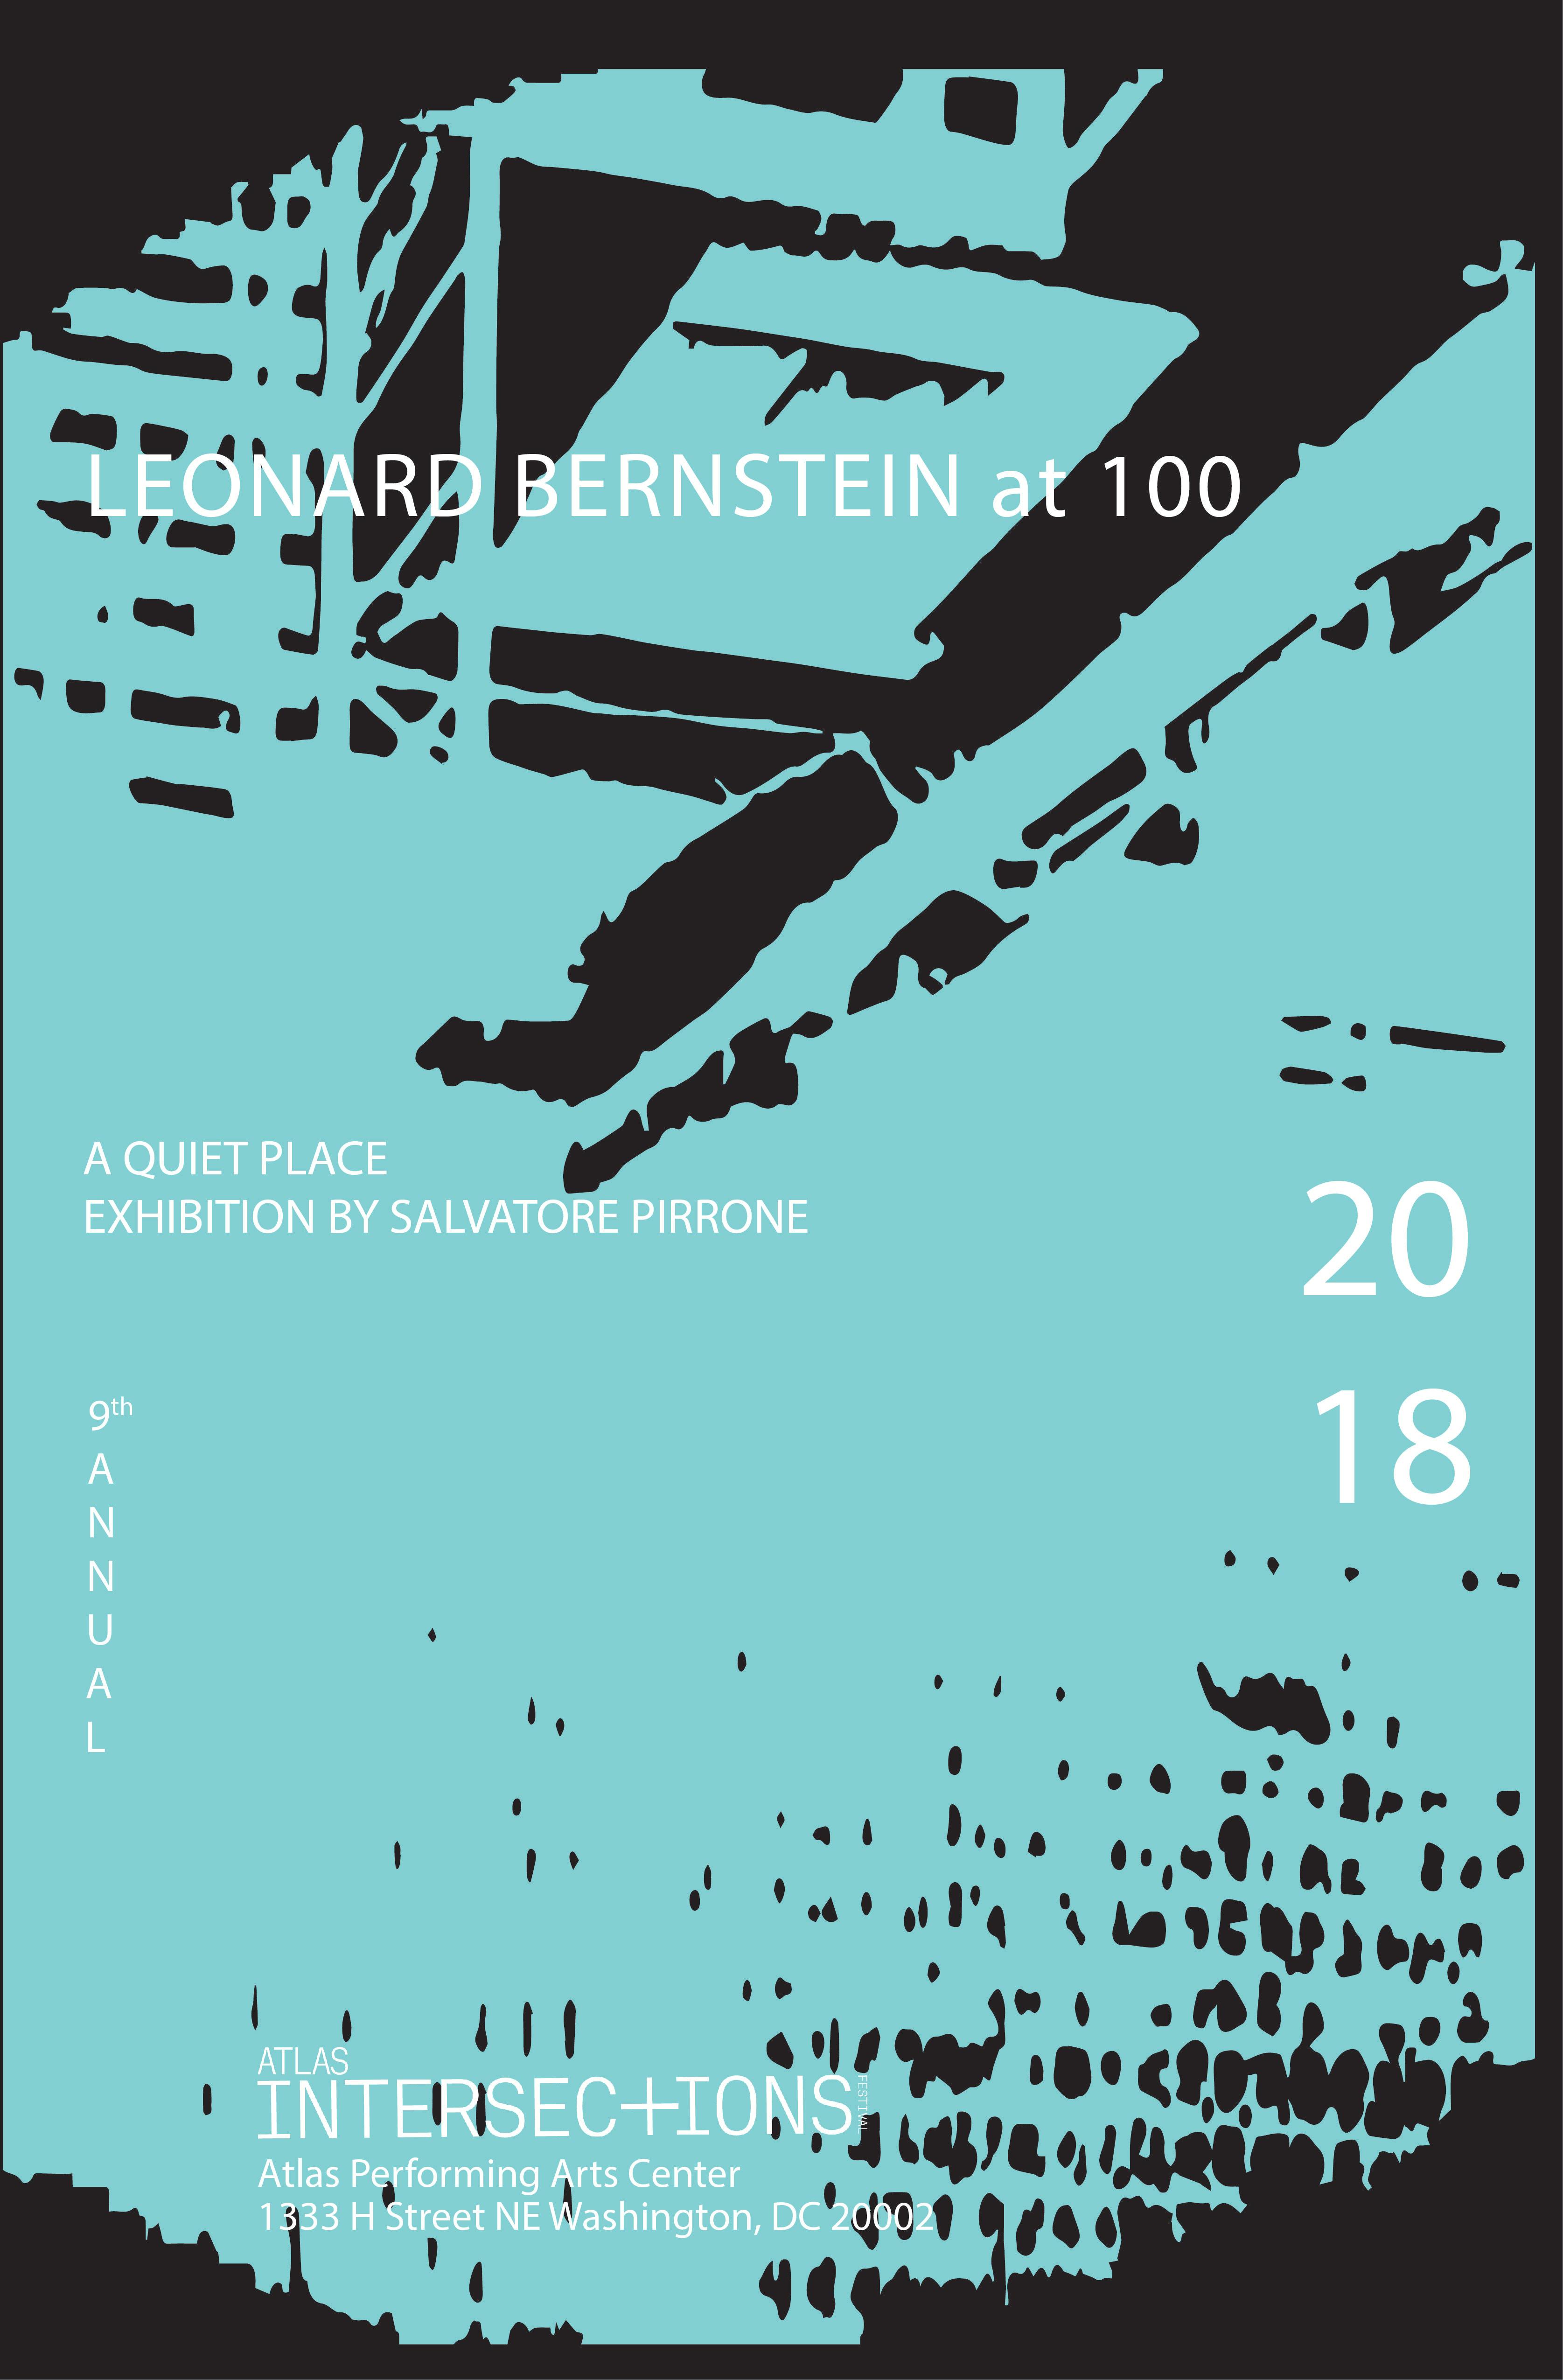 Leonard Bernstein at 100 Poster